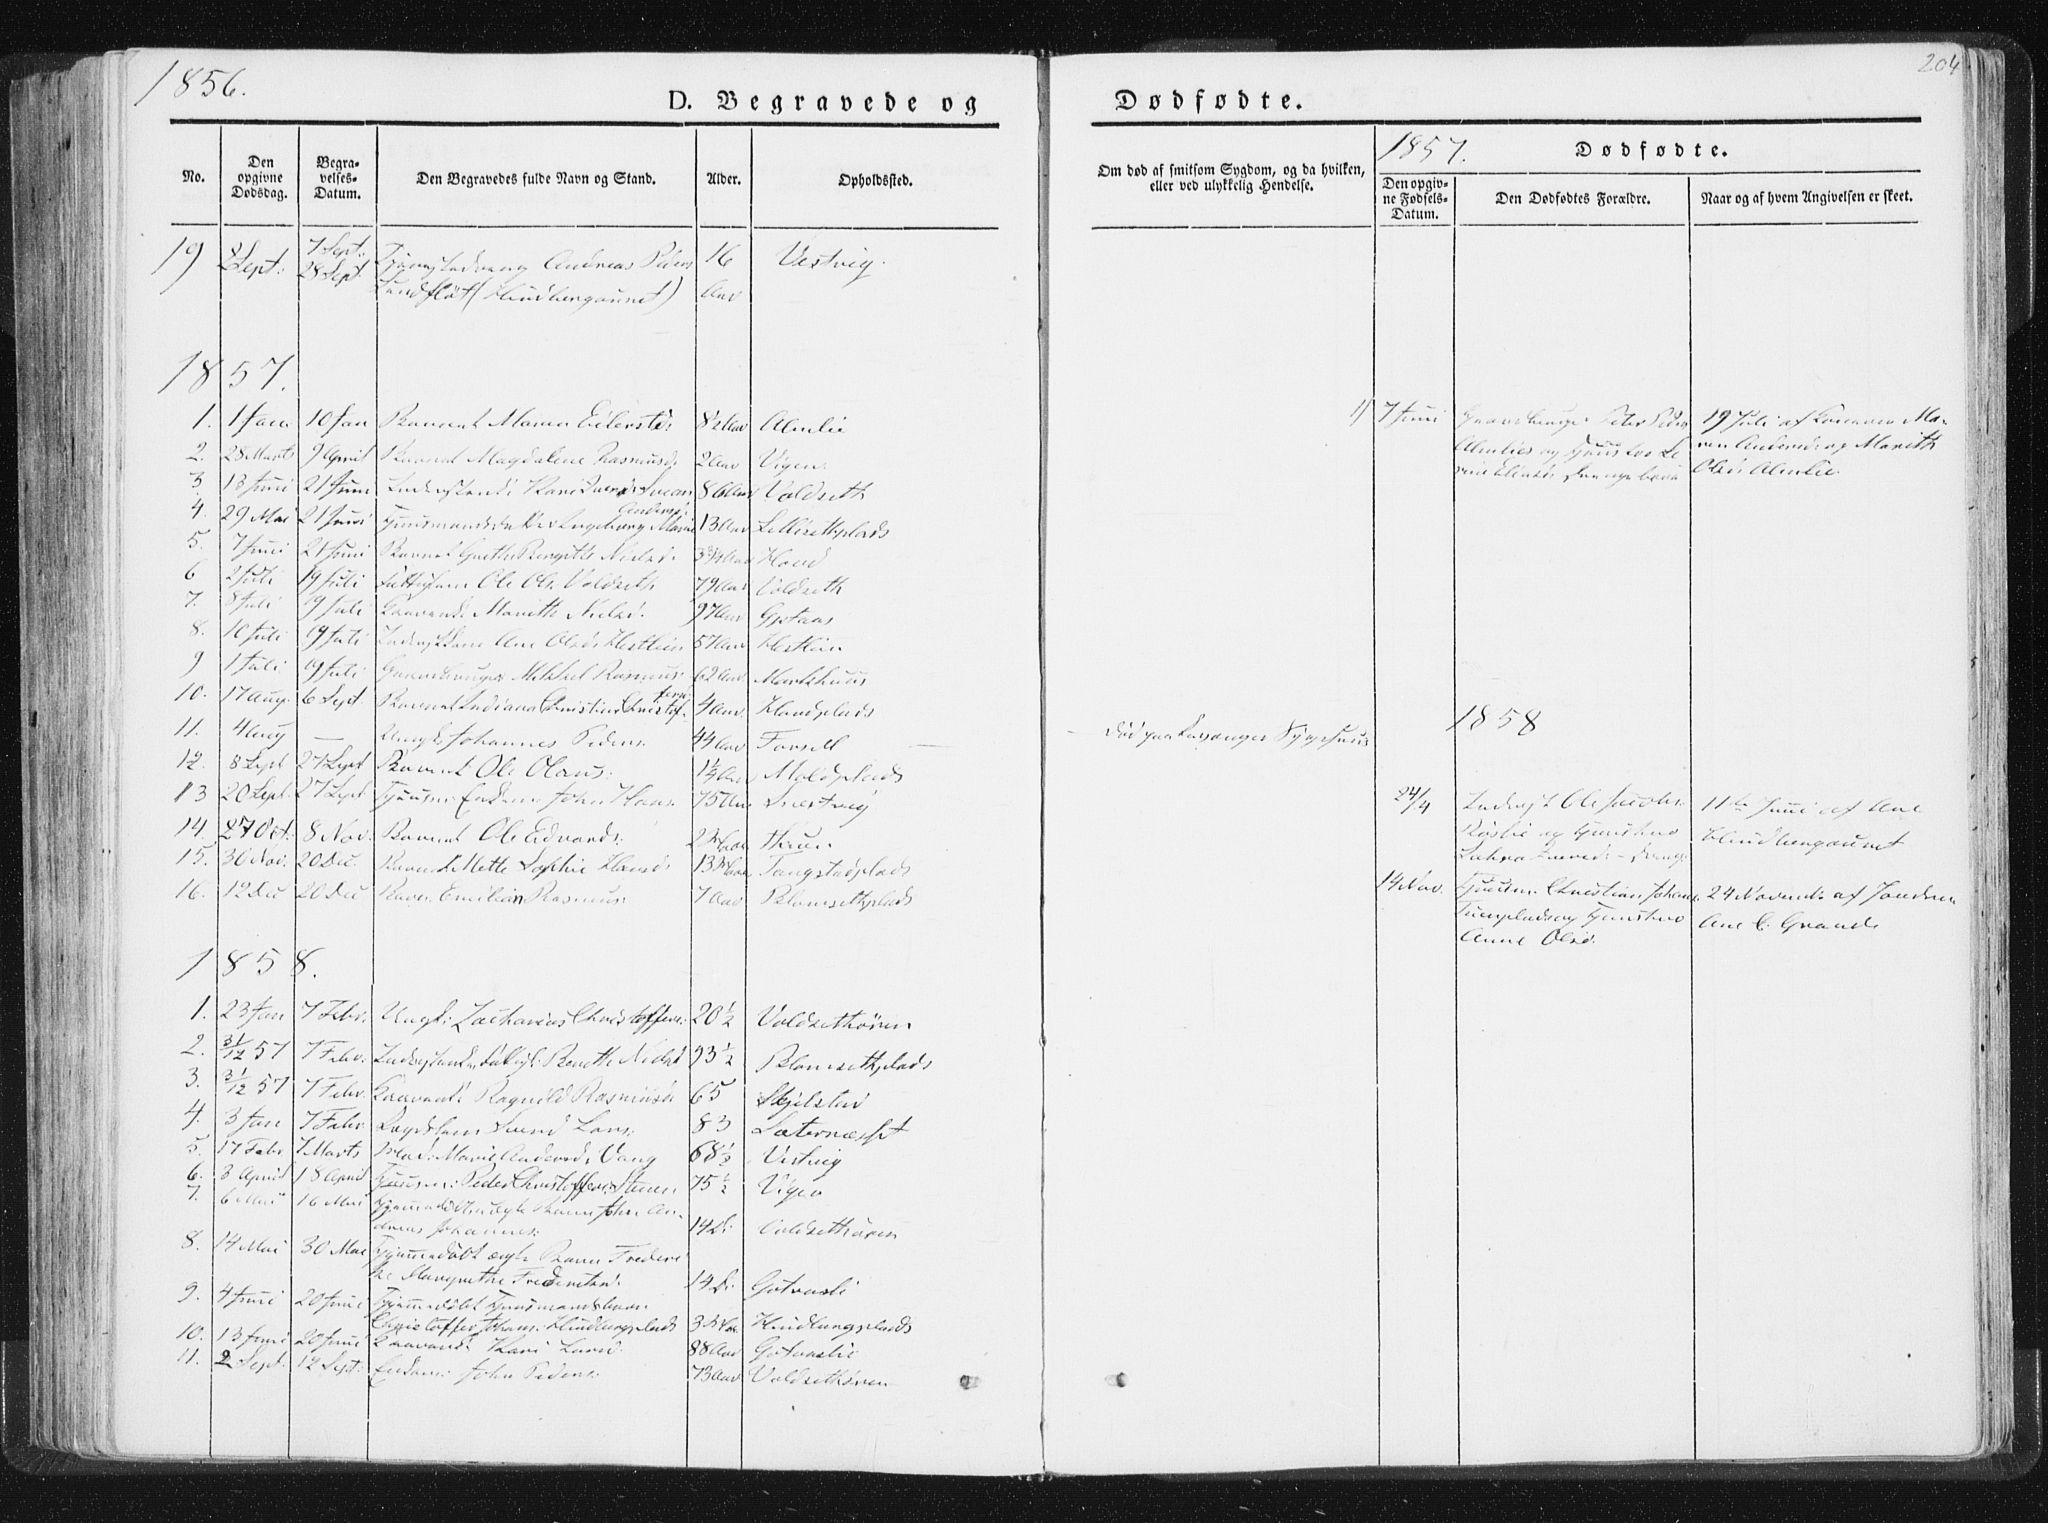 SAT, Ministerialprotokoller, klokkerbøker og fødselsregistre - Nord-Trøndelag, 744/L0418: Ministerialbok nr. 744A02, 1843-1866, s. 204